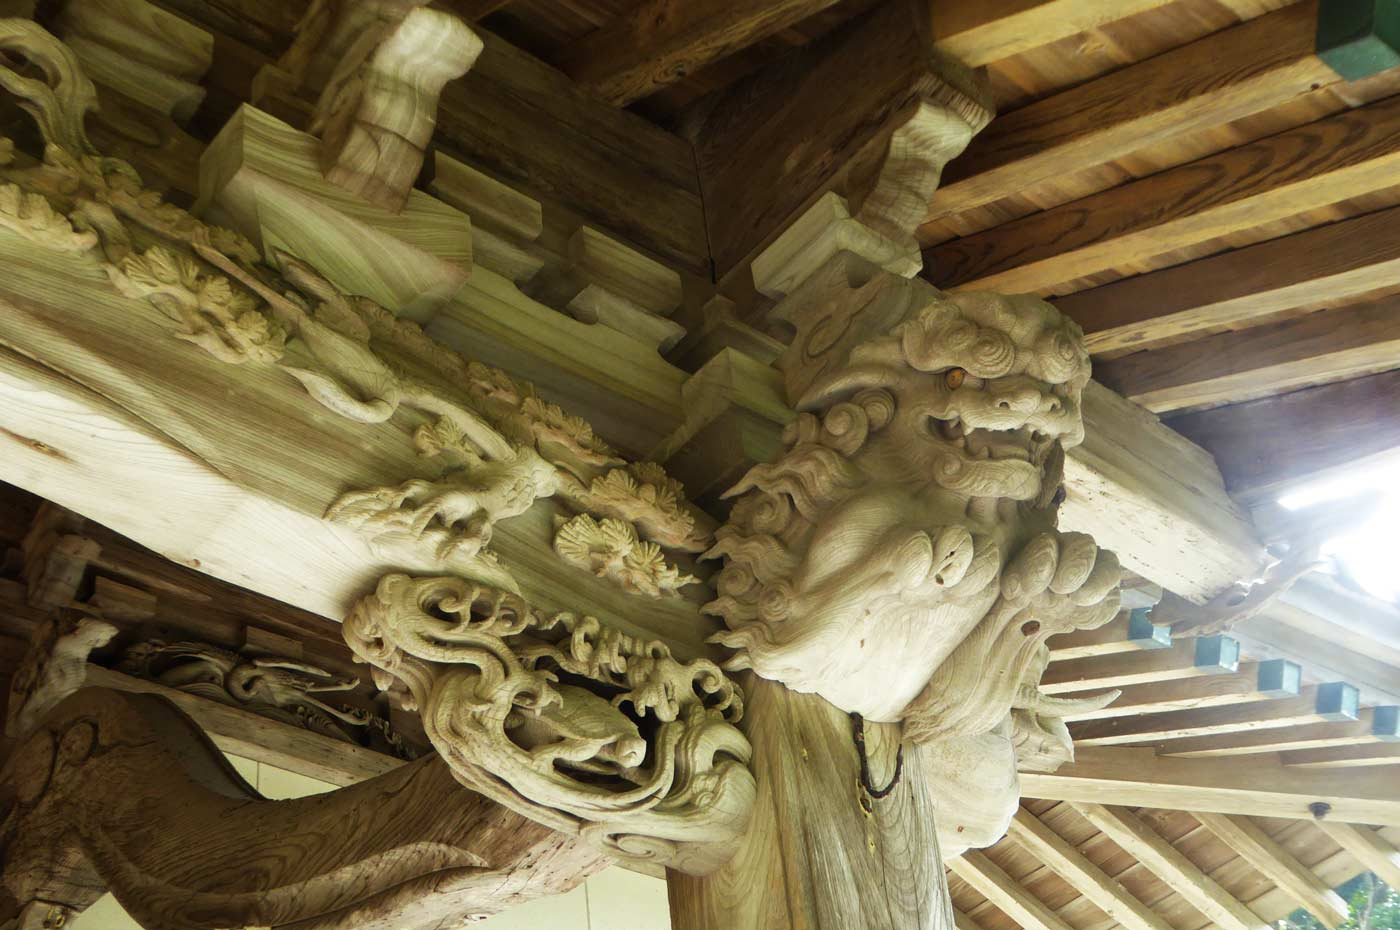 後藤利兵衛橘義光の獅子の彫刻 右